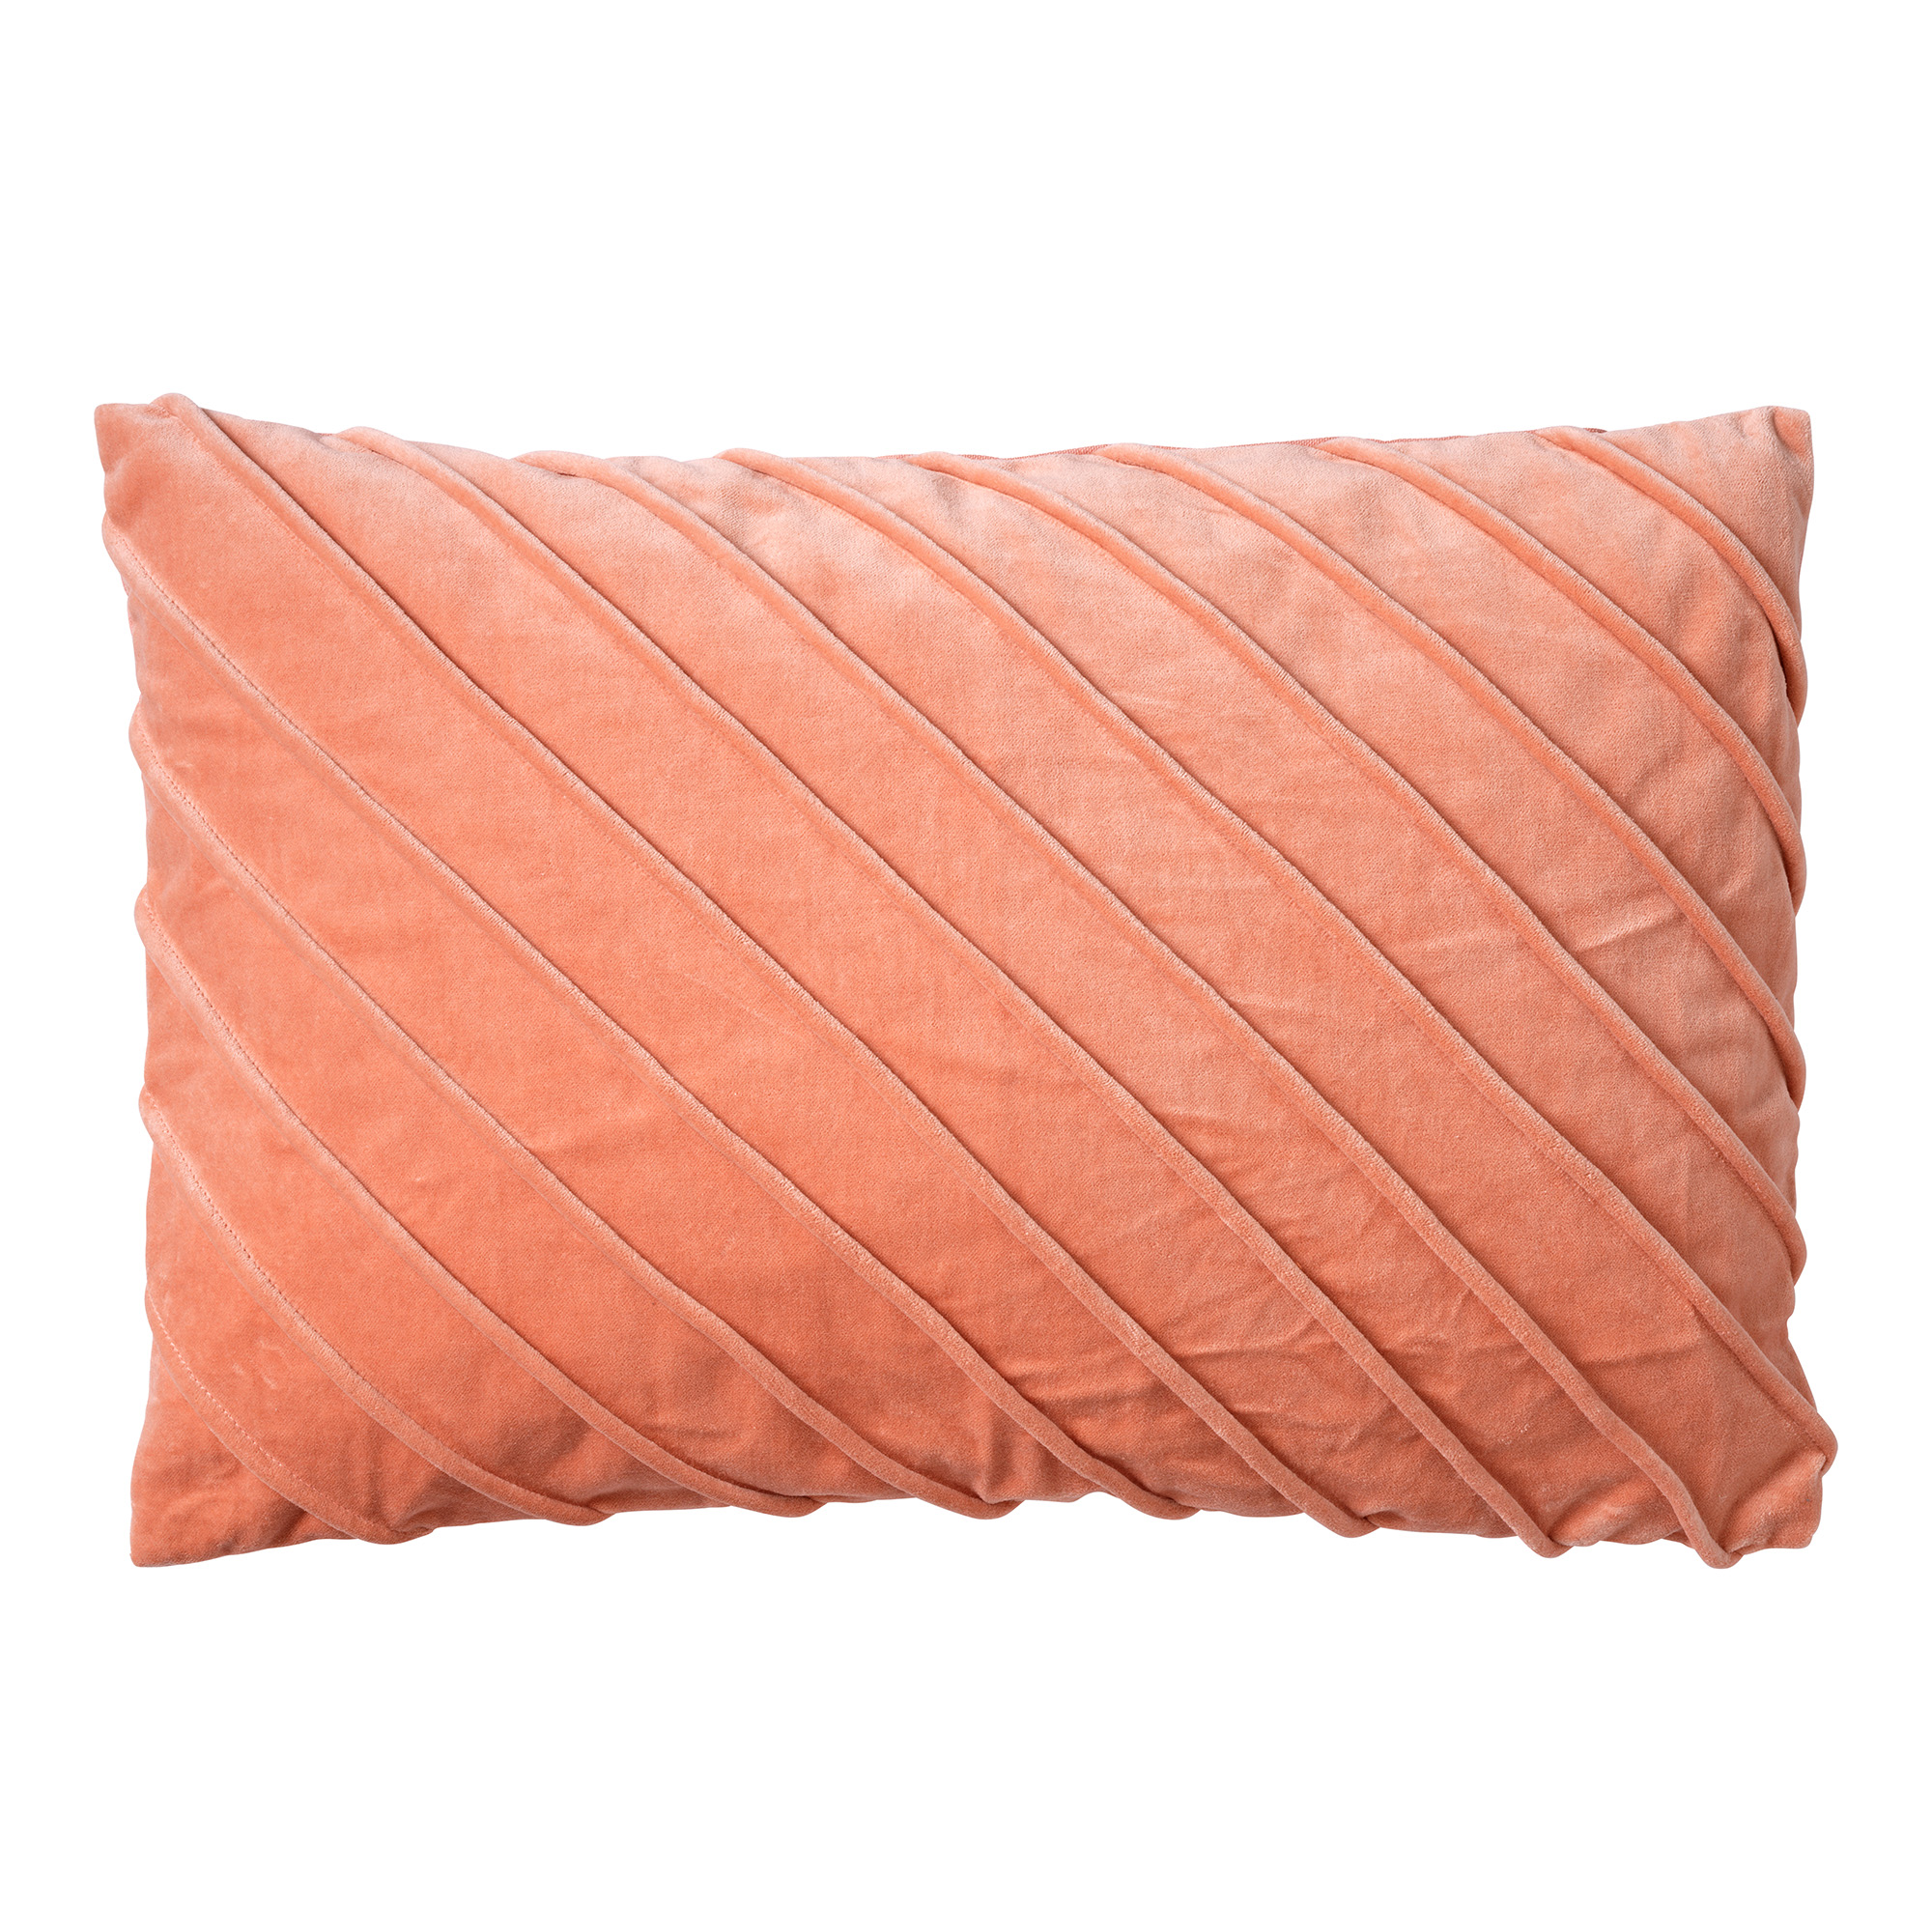 PACO - Sierkussen velvet 40x60 cm Muted Clay